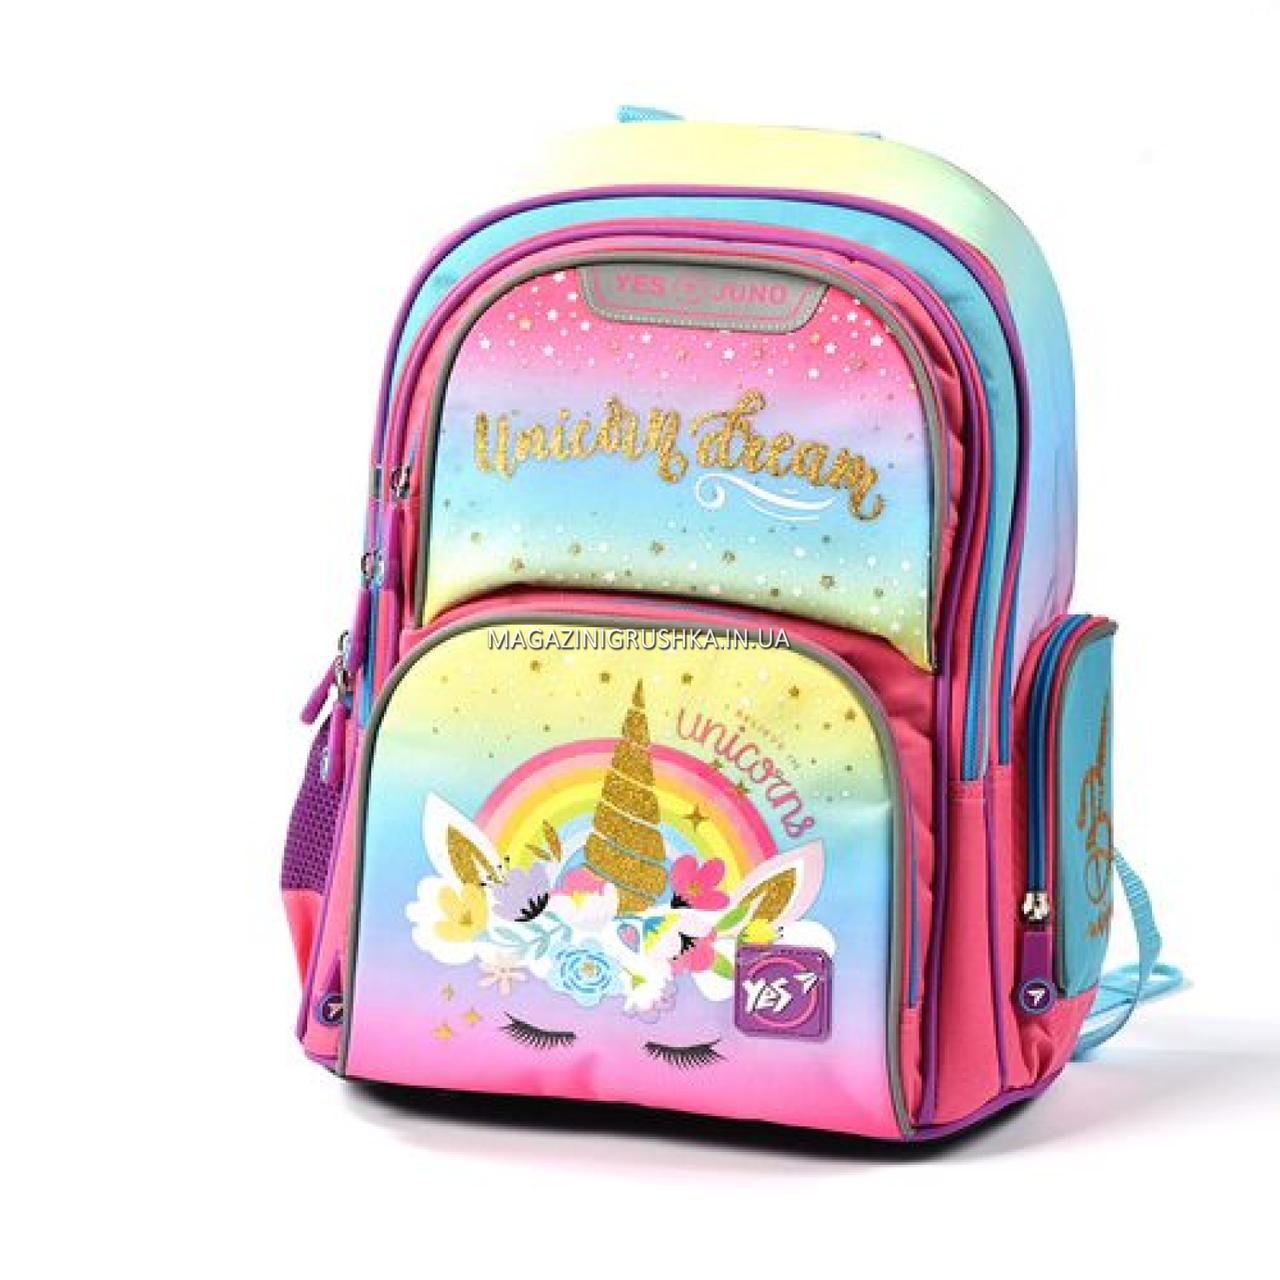 Рюкзак школьный YES S-30 Juno Unicorn разноцветный (558013)